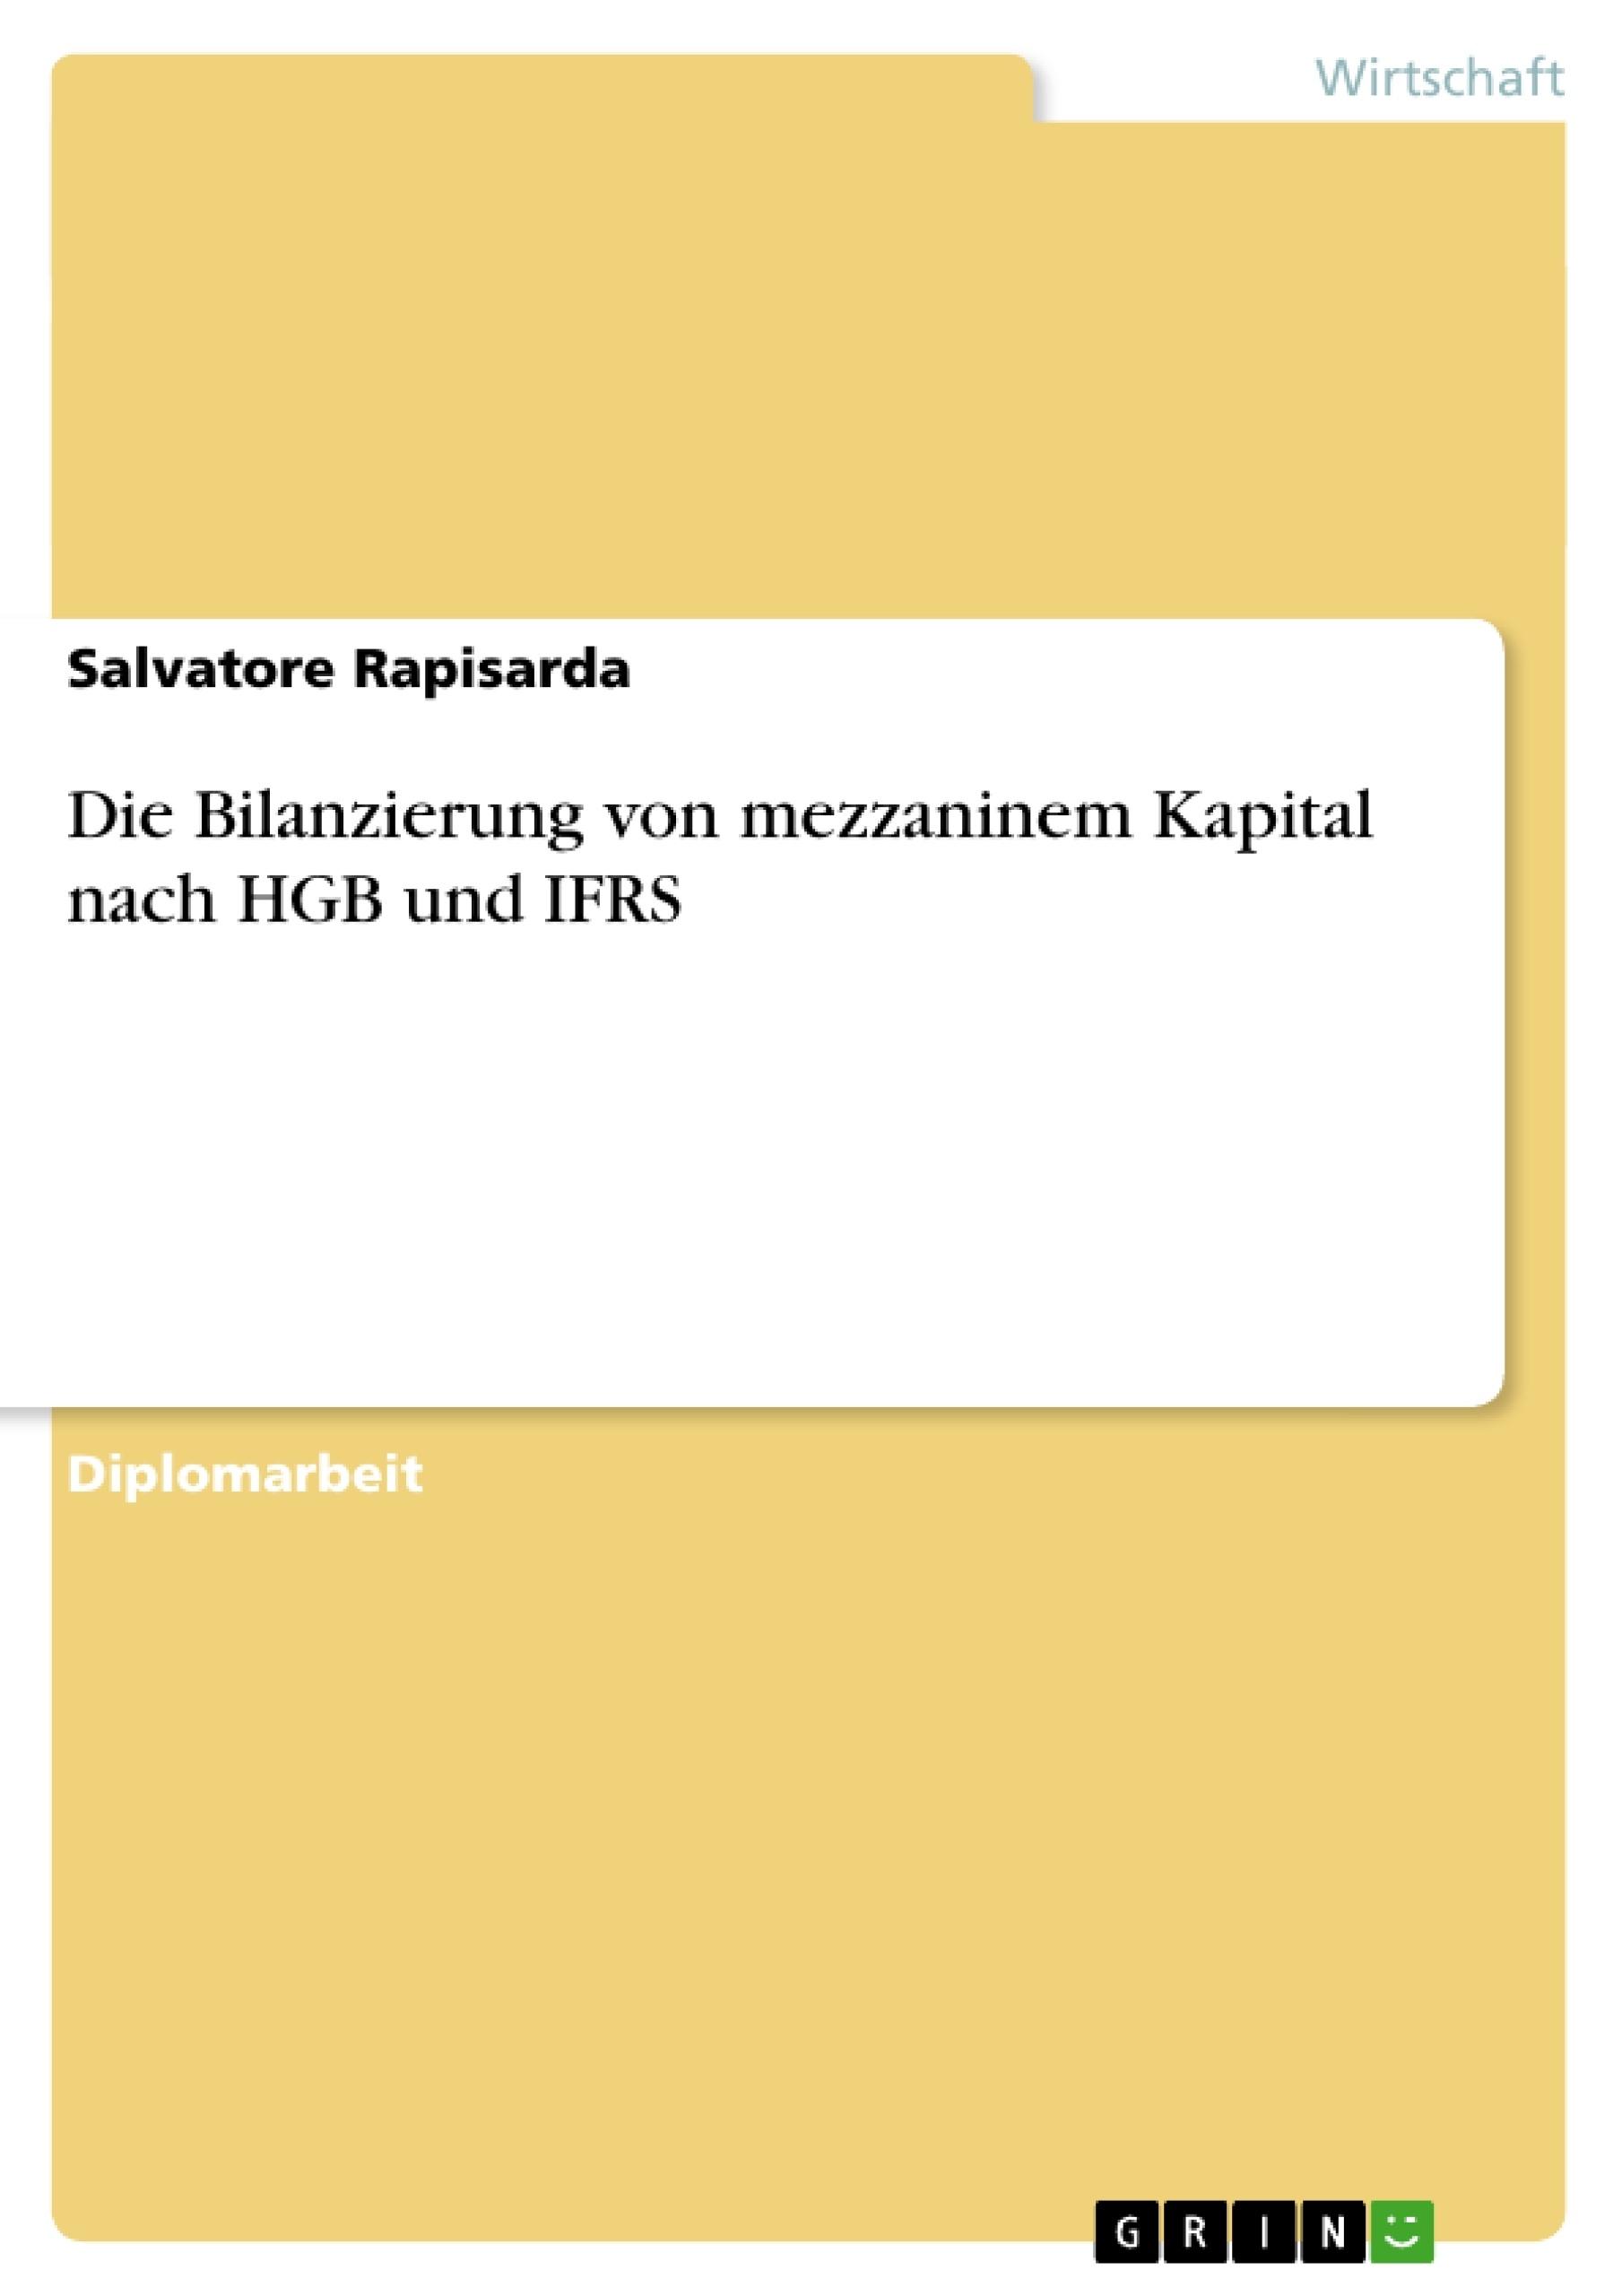 Titel: Die Bilanzierung von mezzaninem Kapital nach HGB und IFRS